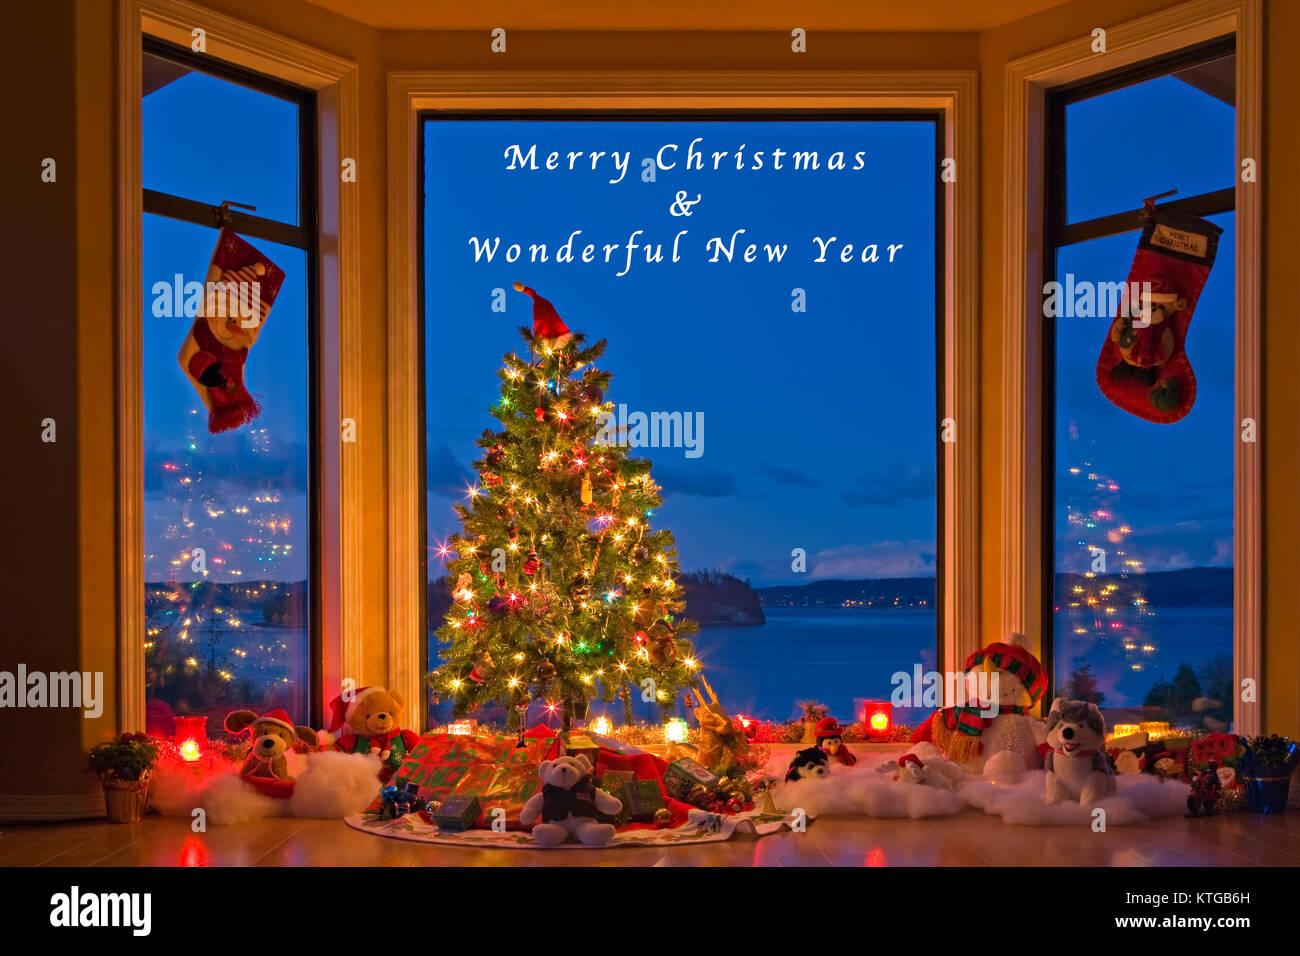 Weihnachtsbaum mit Lichter, Dekorationen und Geschenke in einem Fenster in der Abenddämmerung, die Künstler Stockbild